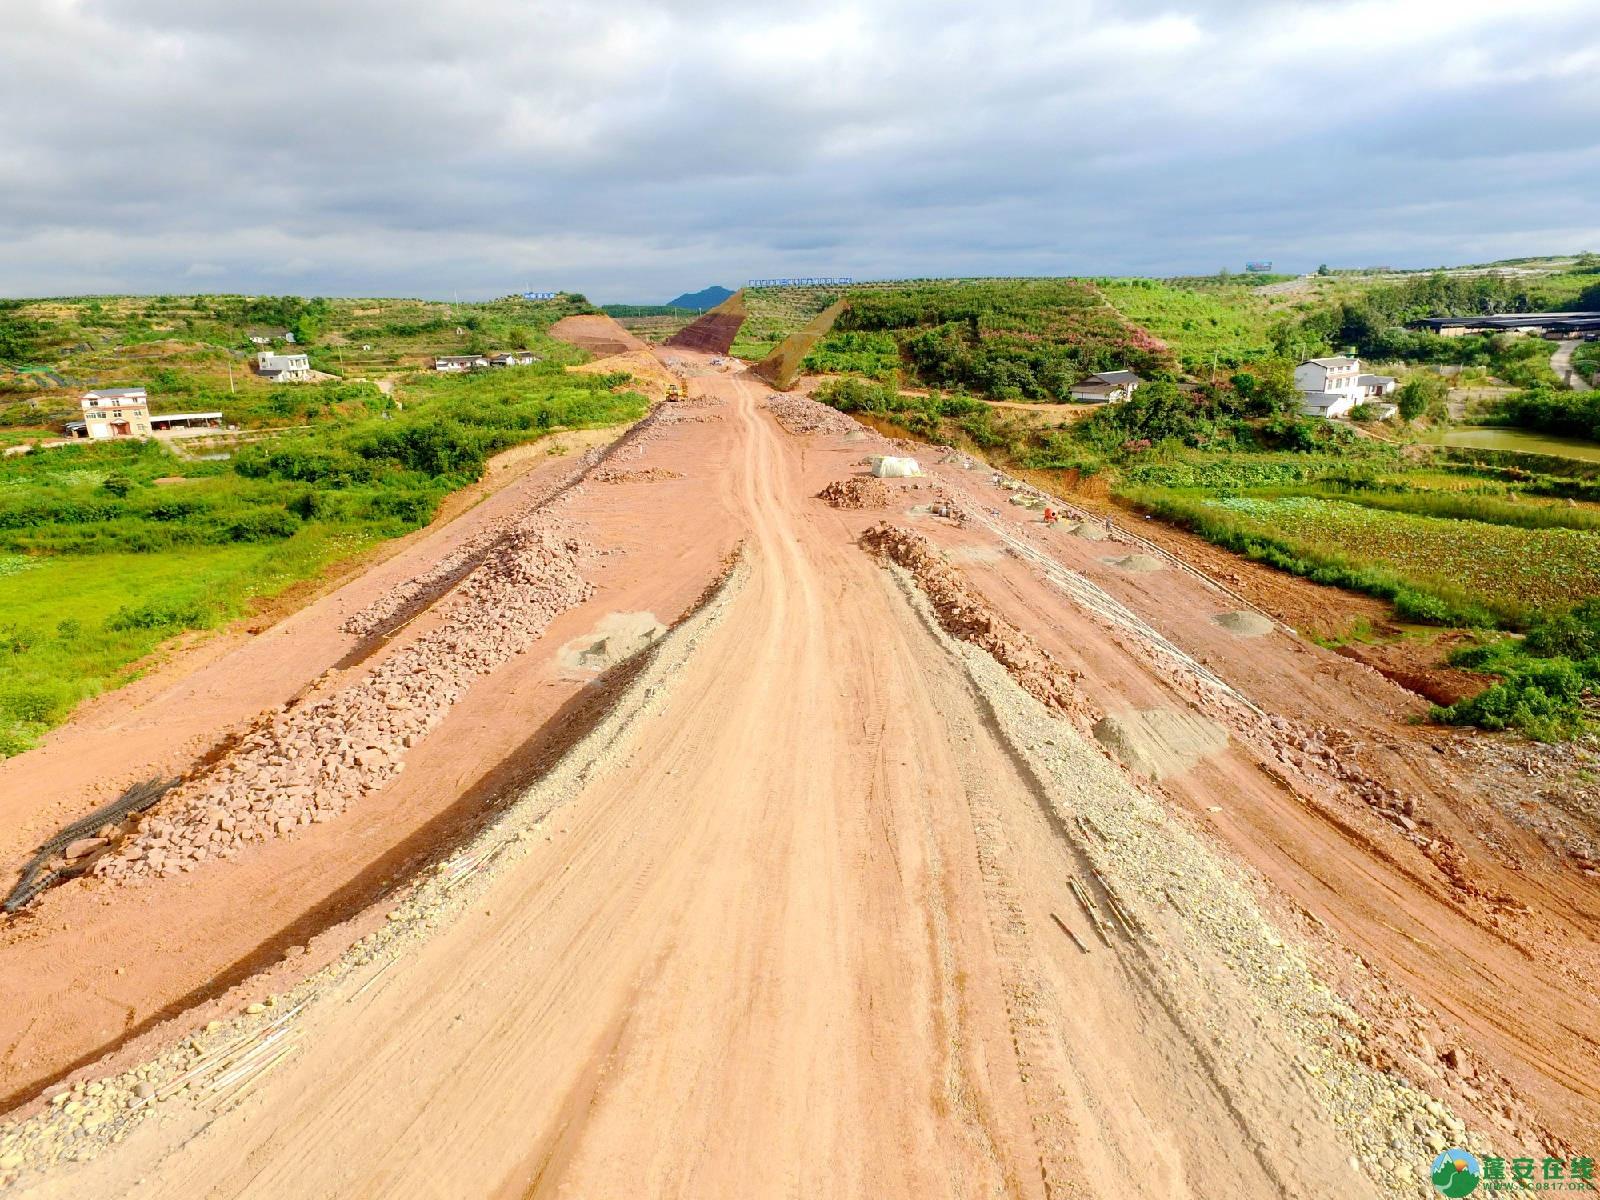 顺蓬营一级公路蓬安段、青云大道二期道路最新进展(2019.8.29) - 第6张  | 蓬安在线